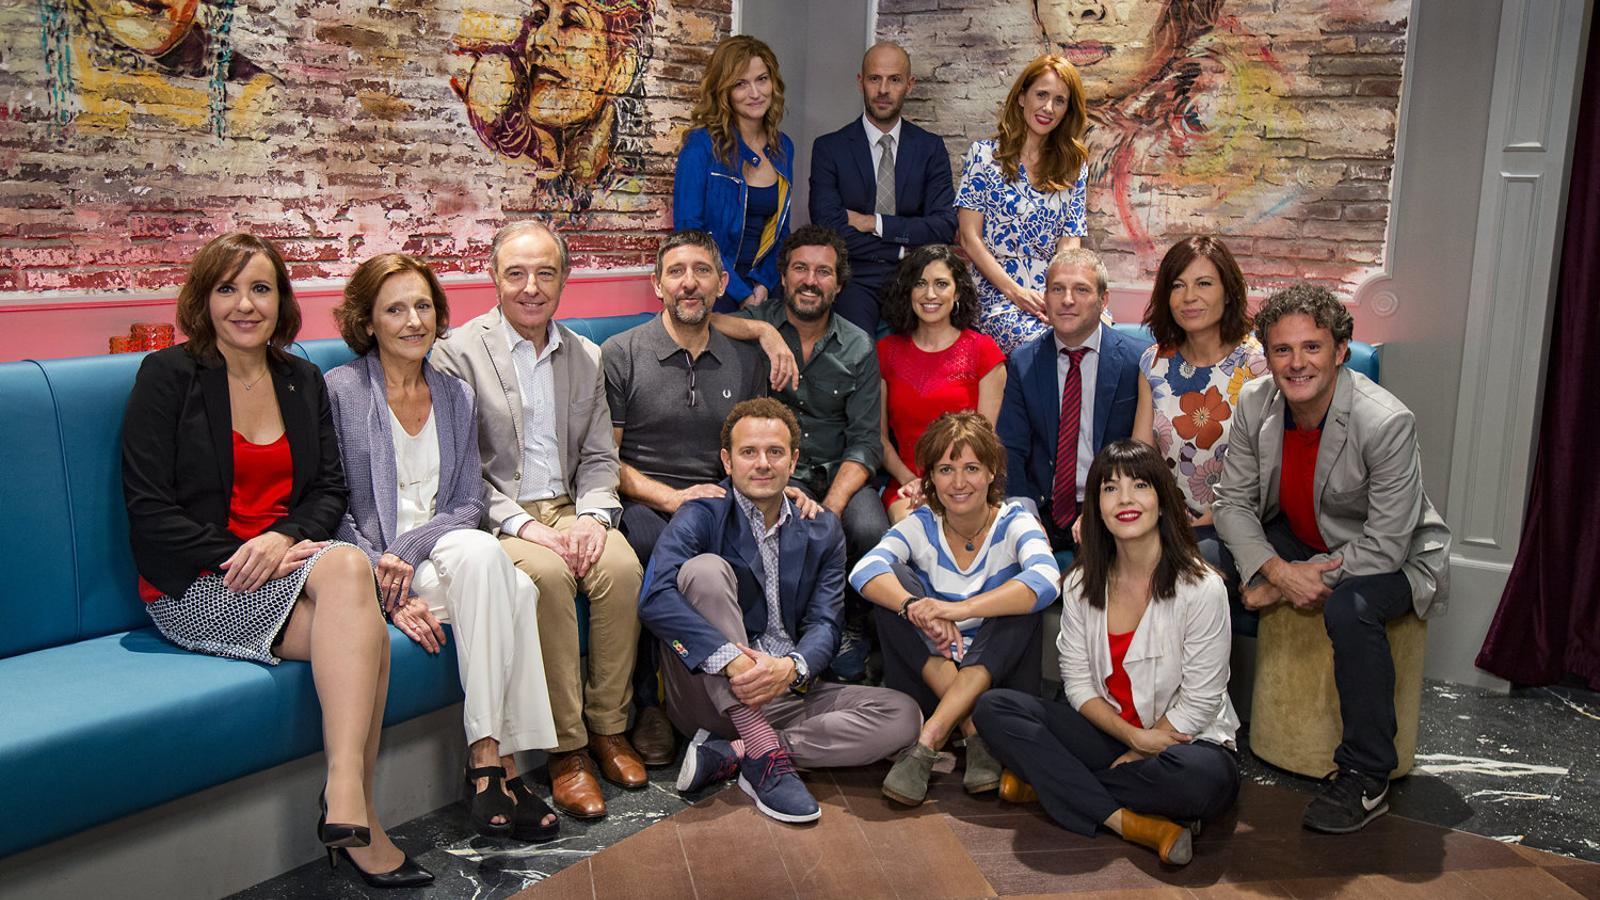 Els actors protagonistes de Com si fos ahir, la sèrie  de sobretaula que TV3  va estrenar  al setembre.